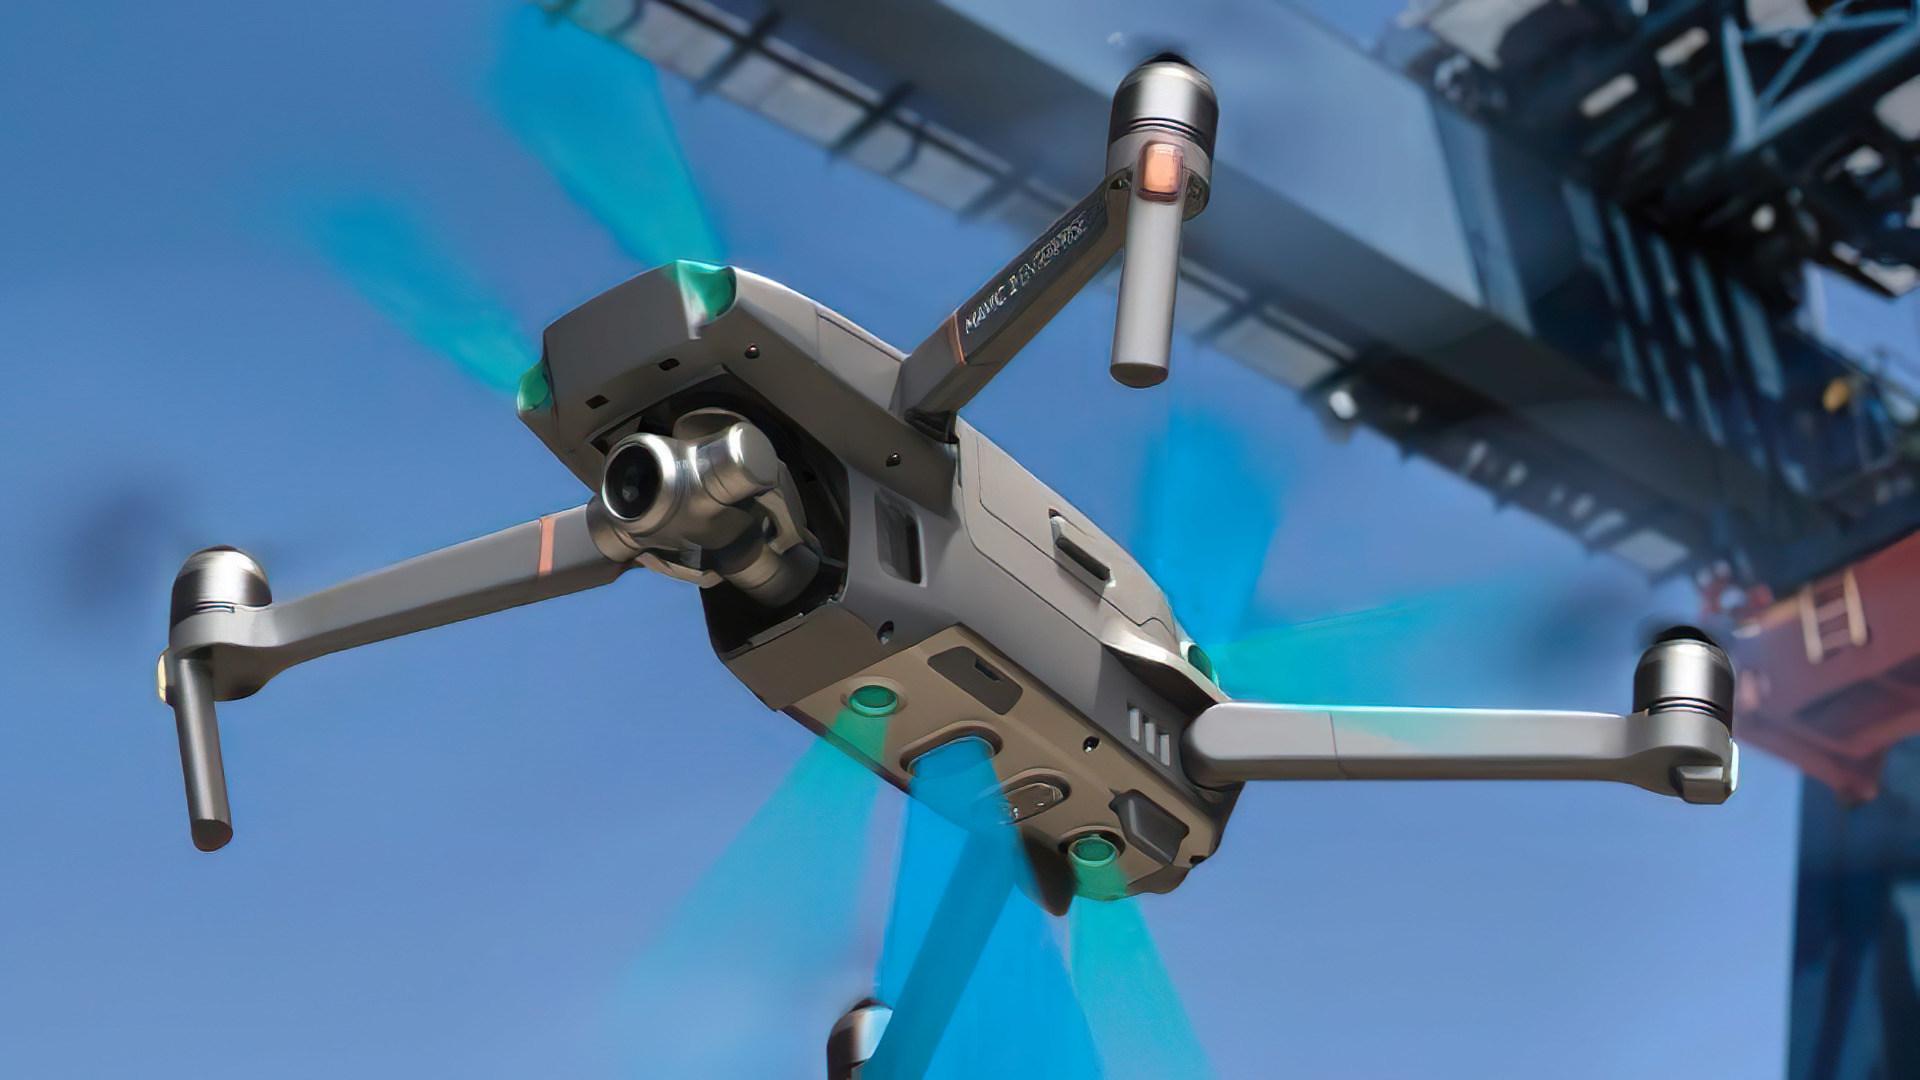 Drohne, DJI, Mavic 2 Enterprise